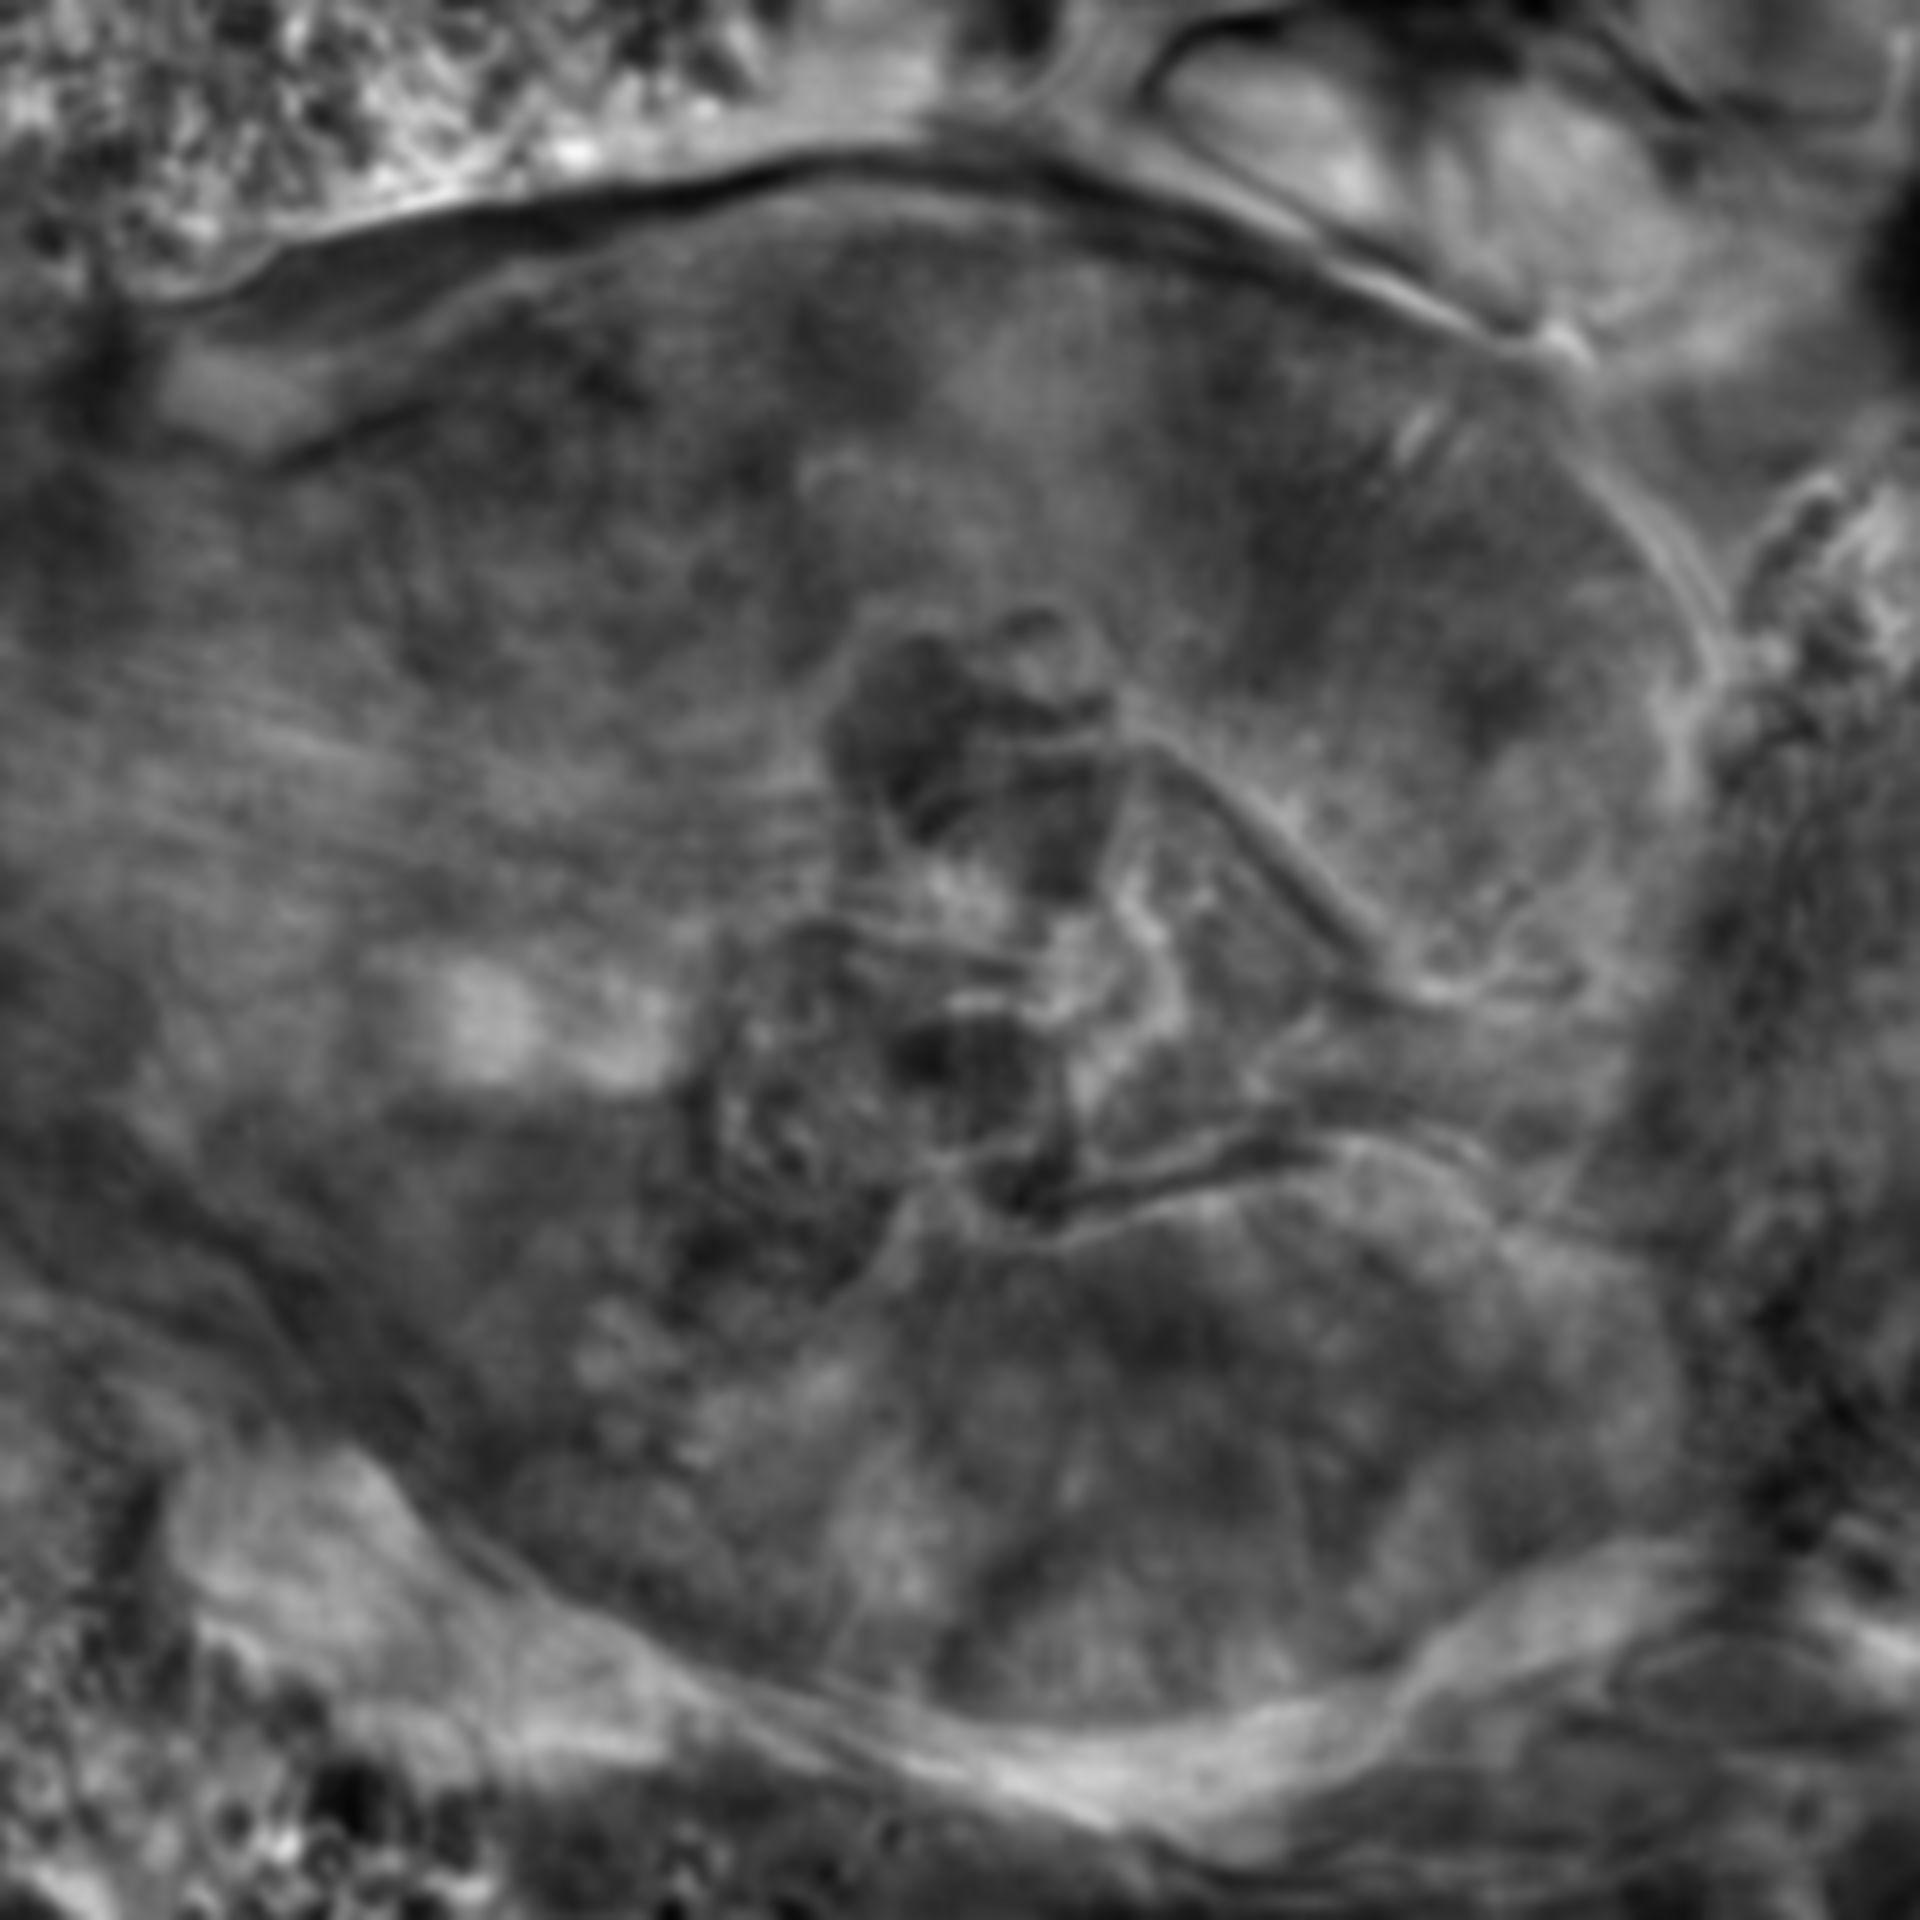 Caenorhabditis elegans - CIL:2680